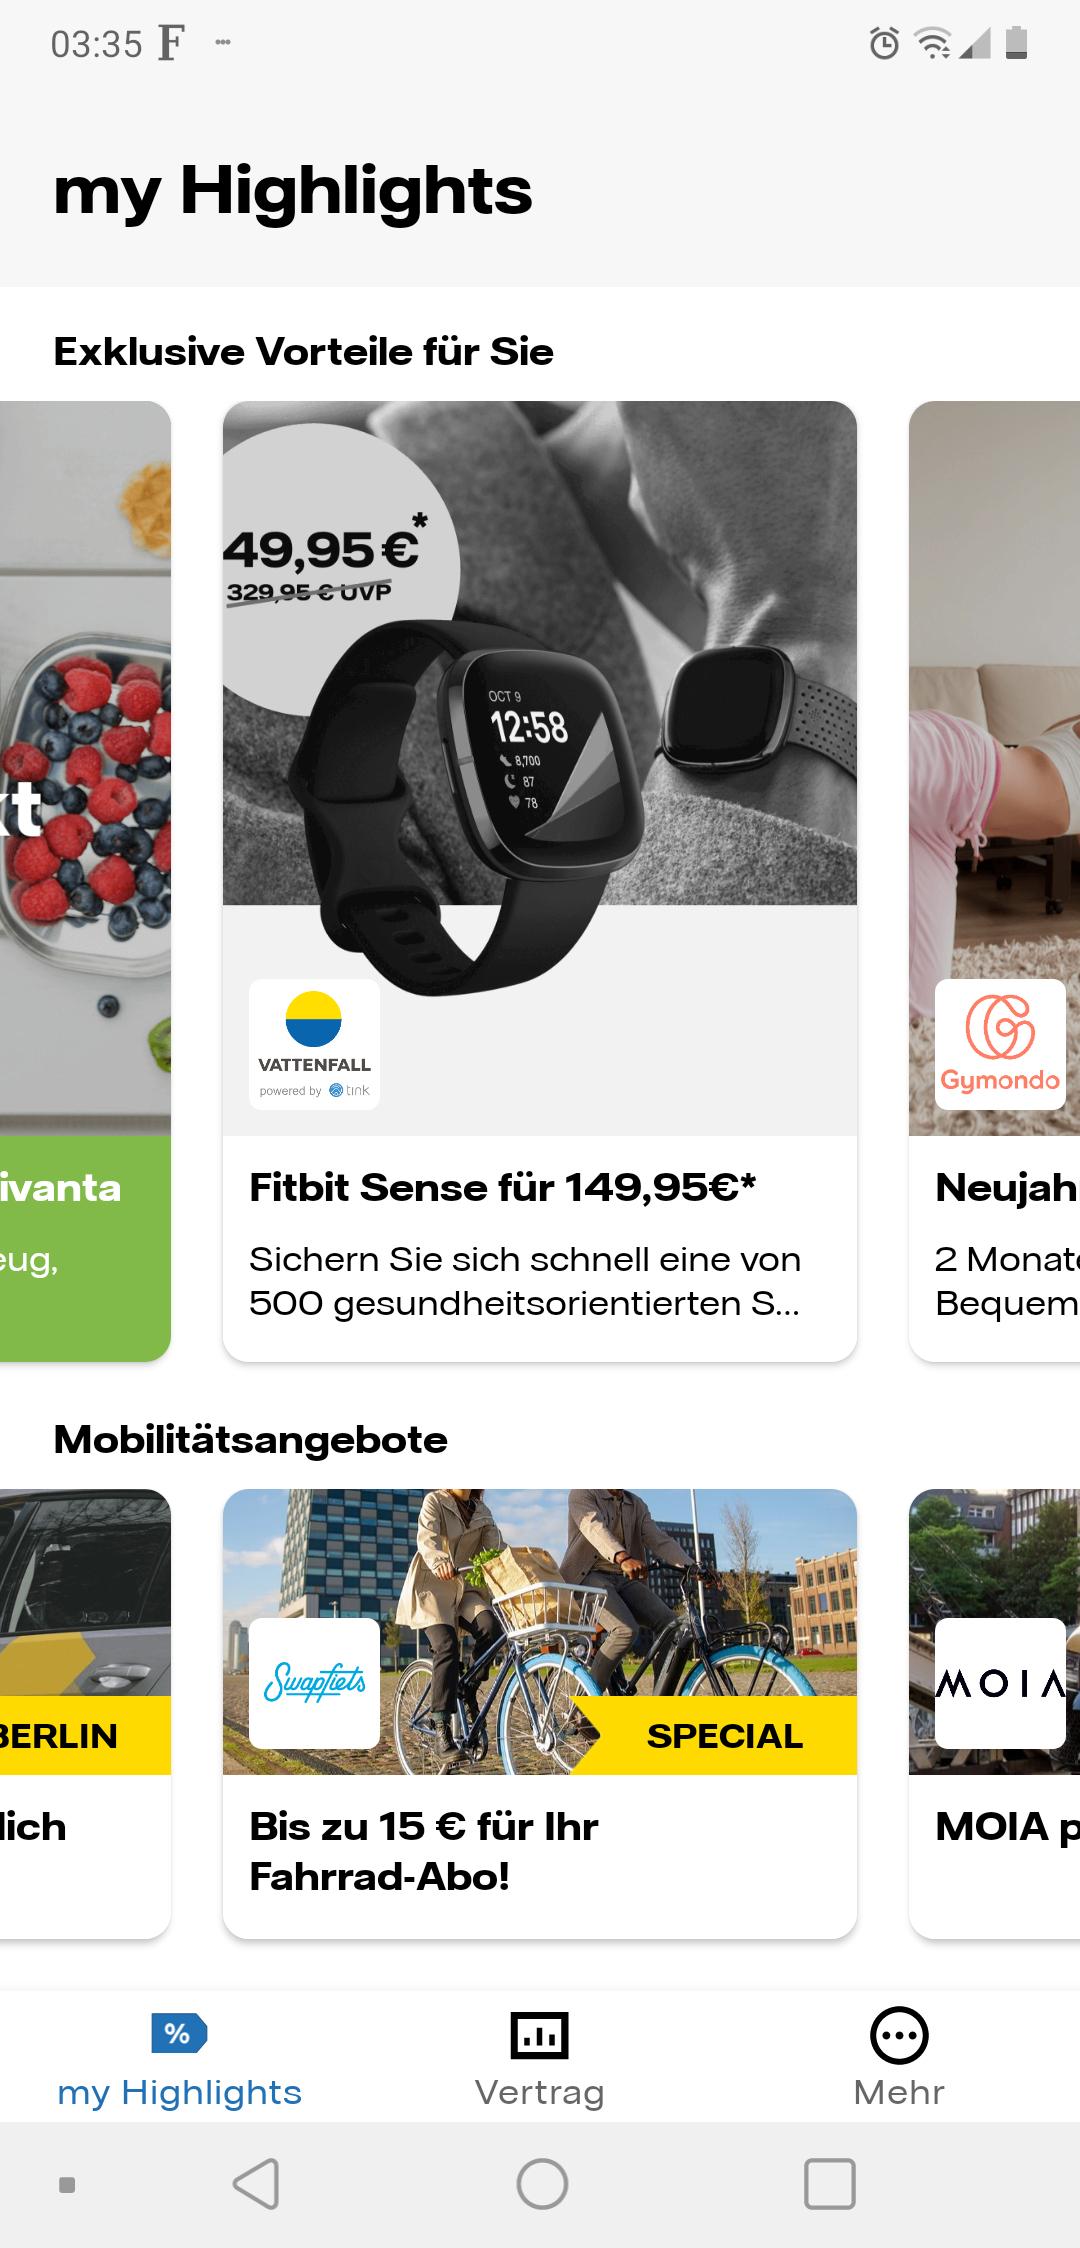 Fitbit Sense für 149,95 über die my Highlights App von Vattenfall(500x verfügbar) ab 04.01.2020